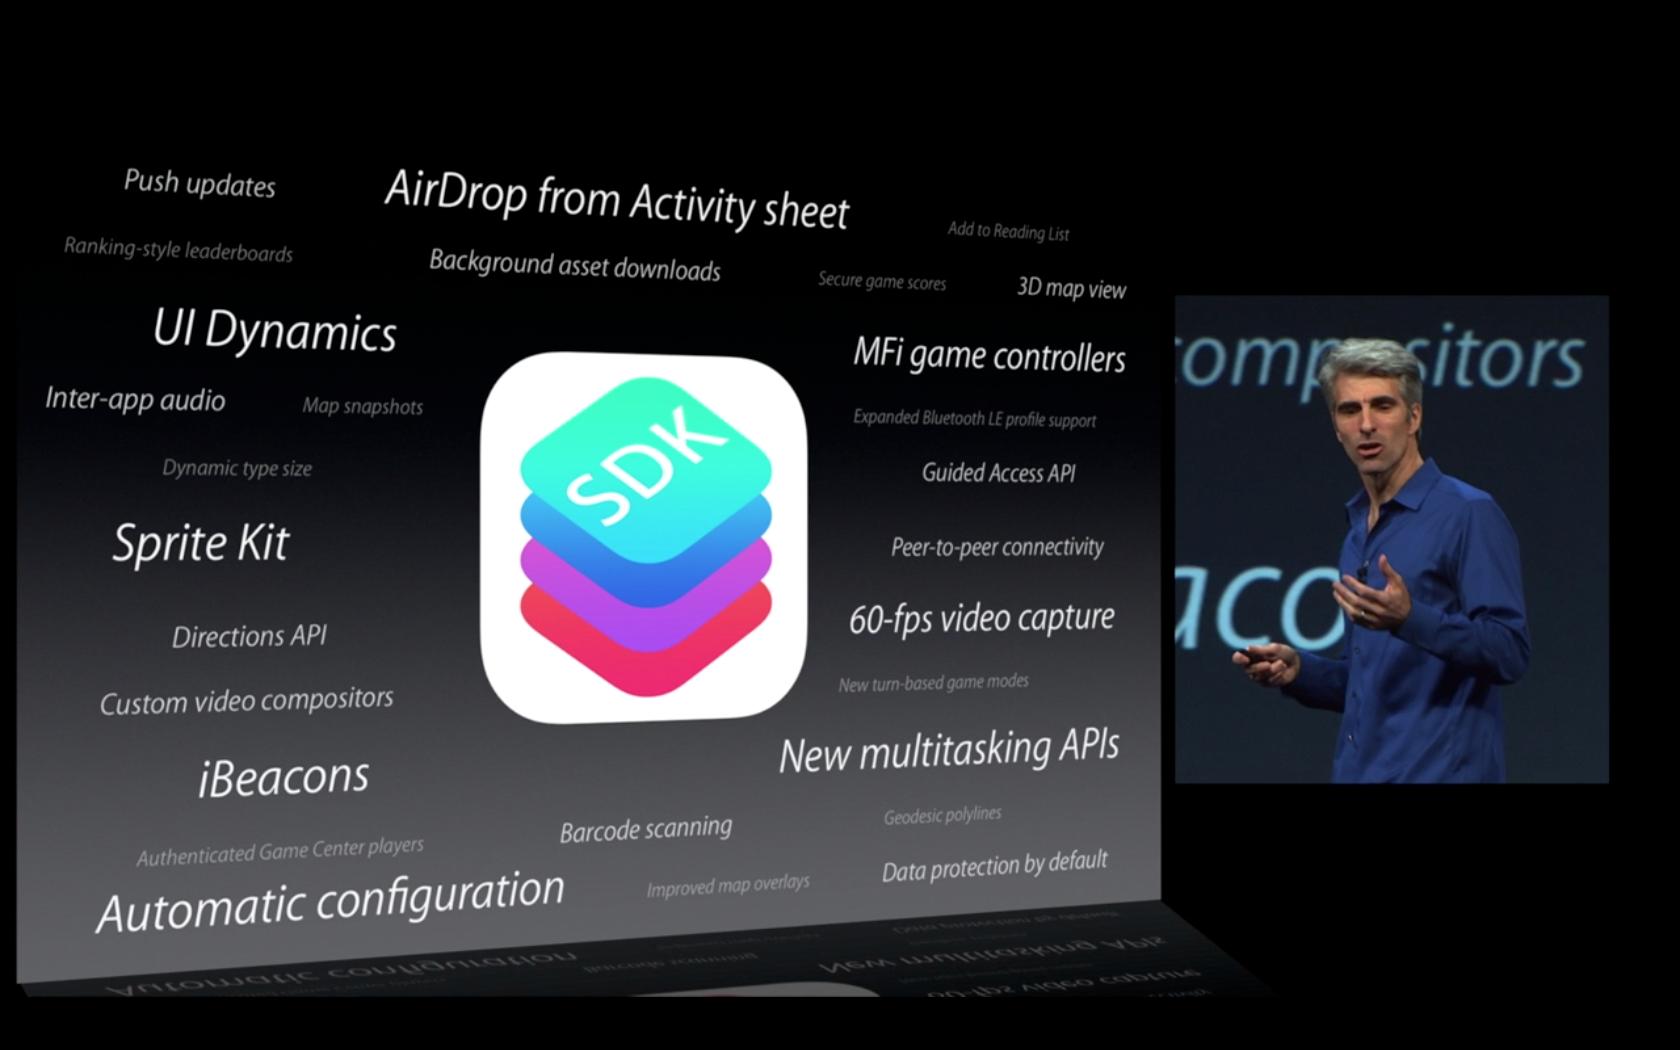 Några av de nya förmågorna som kommer till iOS 7 SDK.